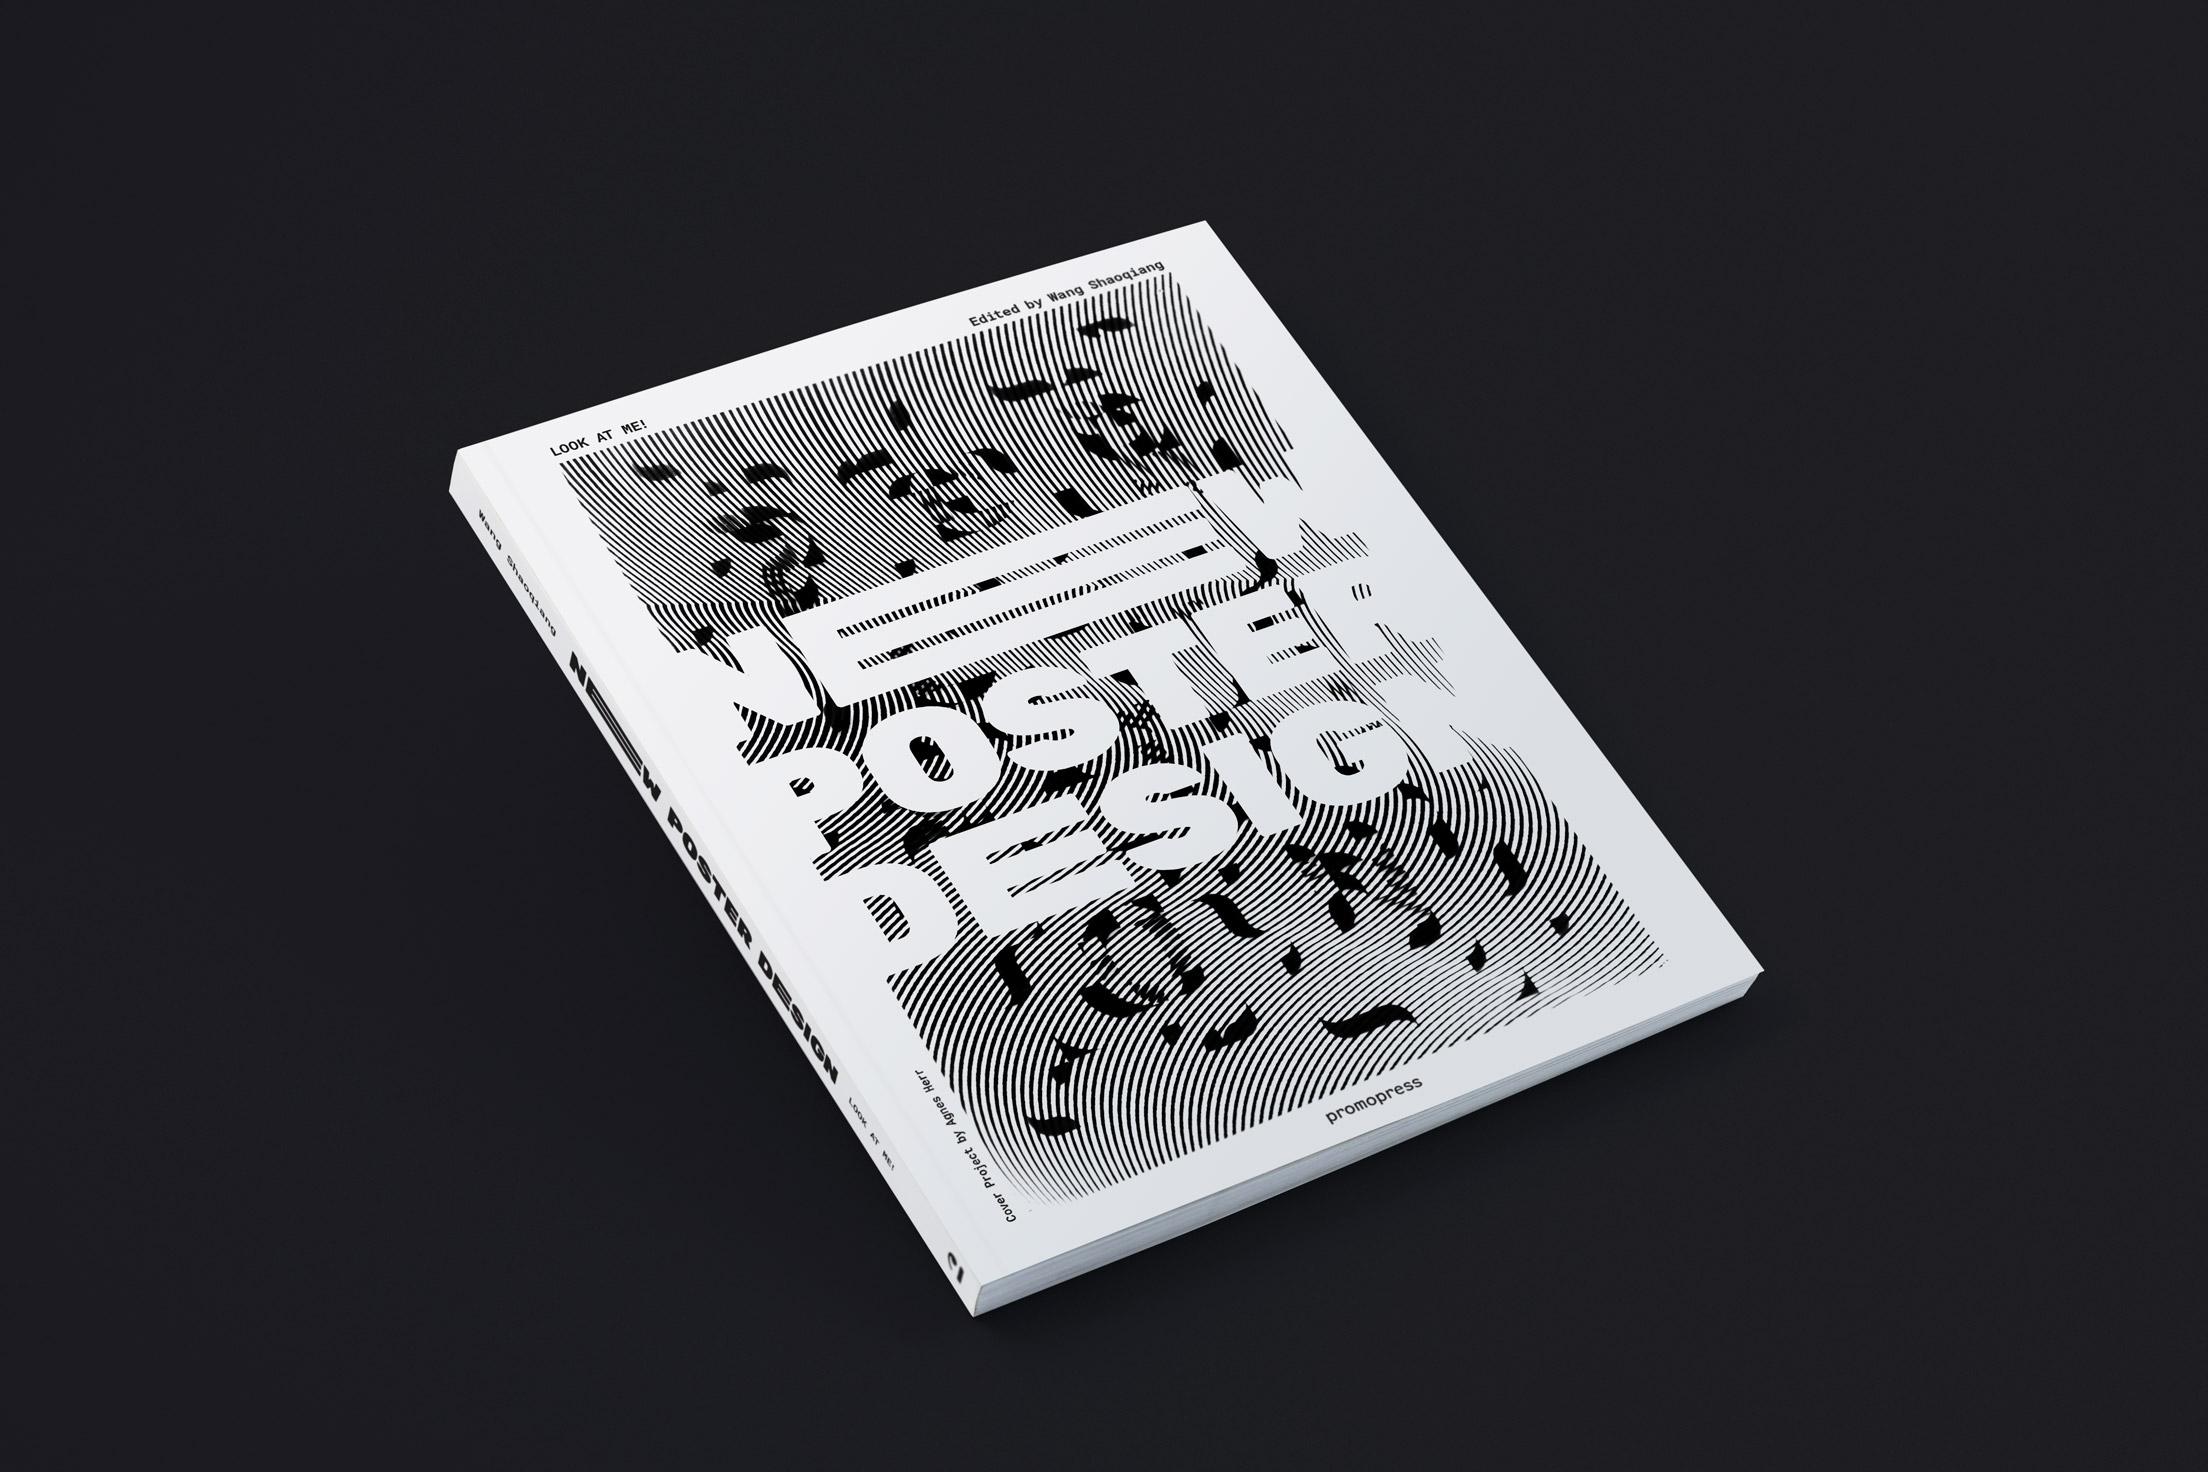 """Diseño de portada del libro """"New poster design"""" de la editorial Promopress"""